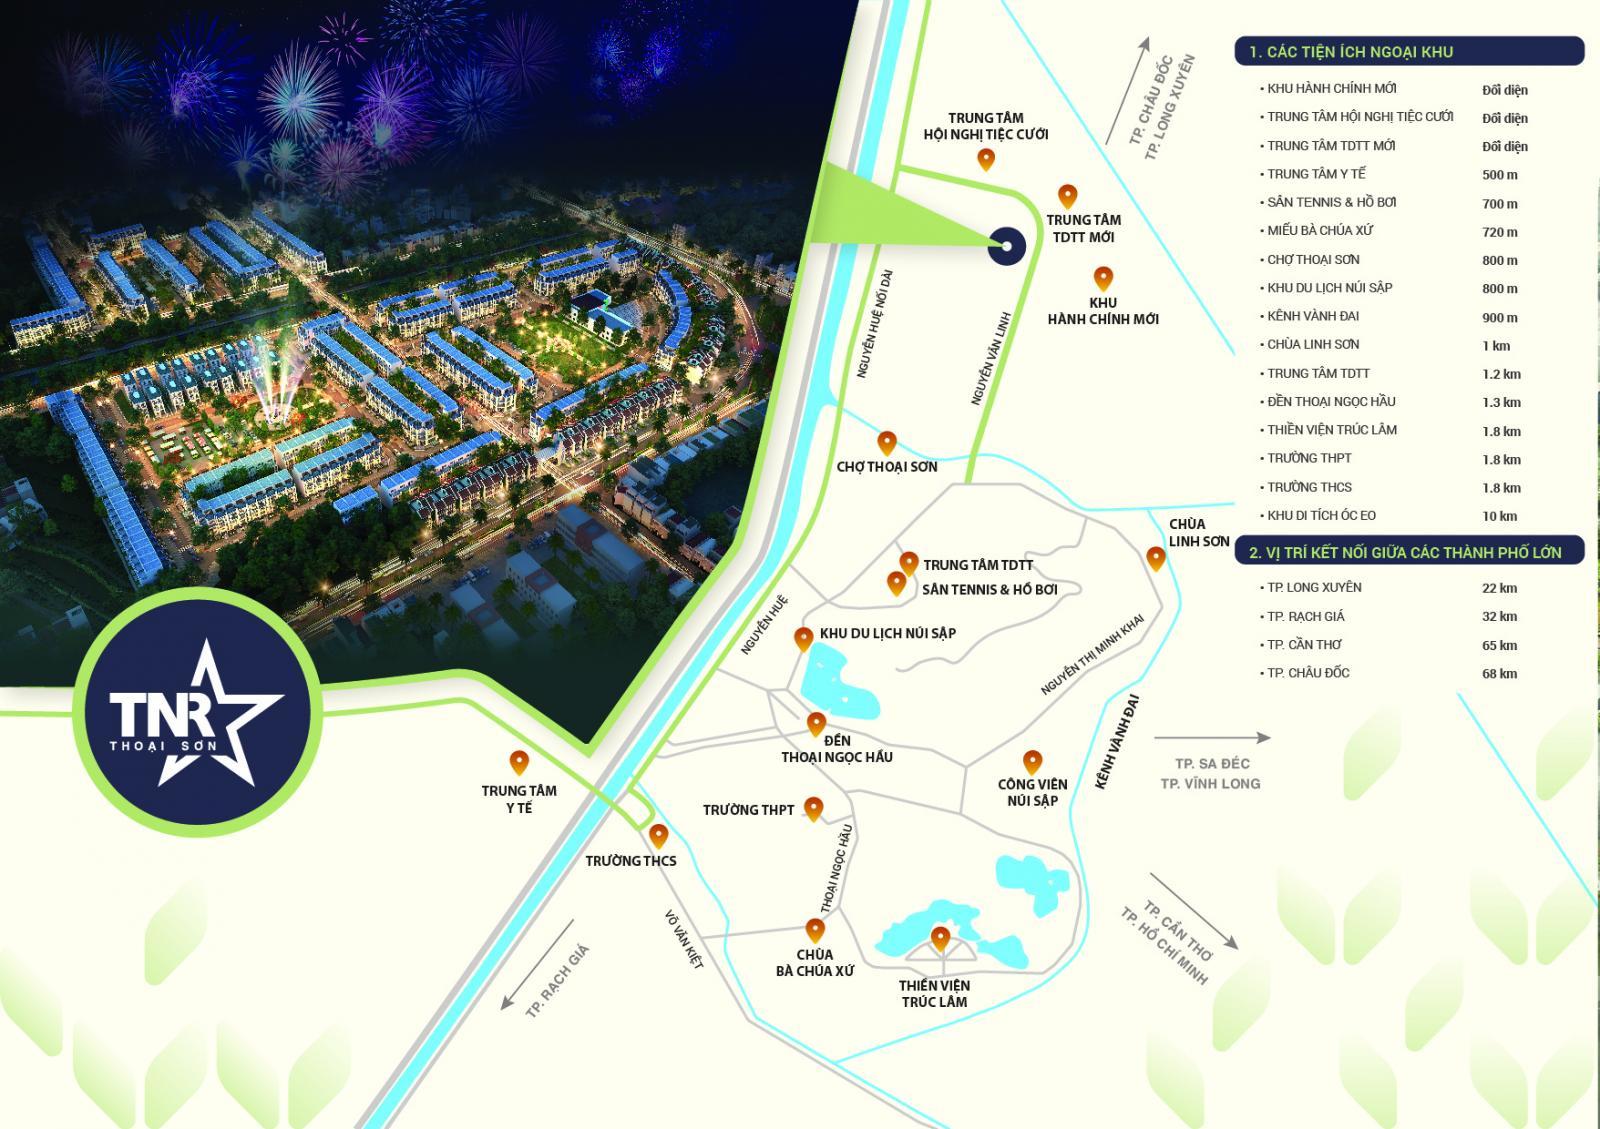 nhiều dãy nhà ở ban đêm, bên cạnh là sơ đồ vị trí dự án có nhiều tuyến đường